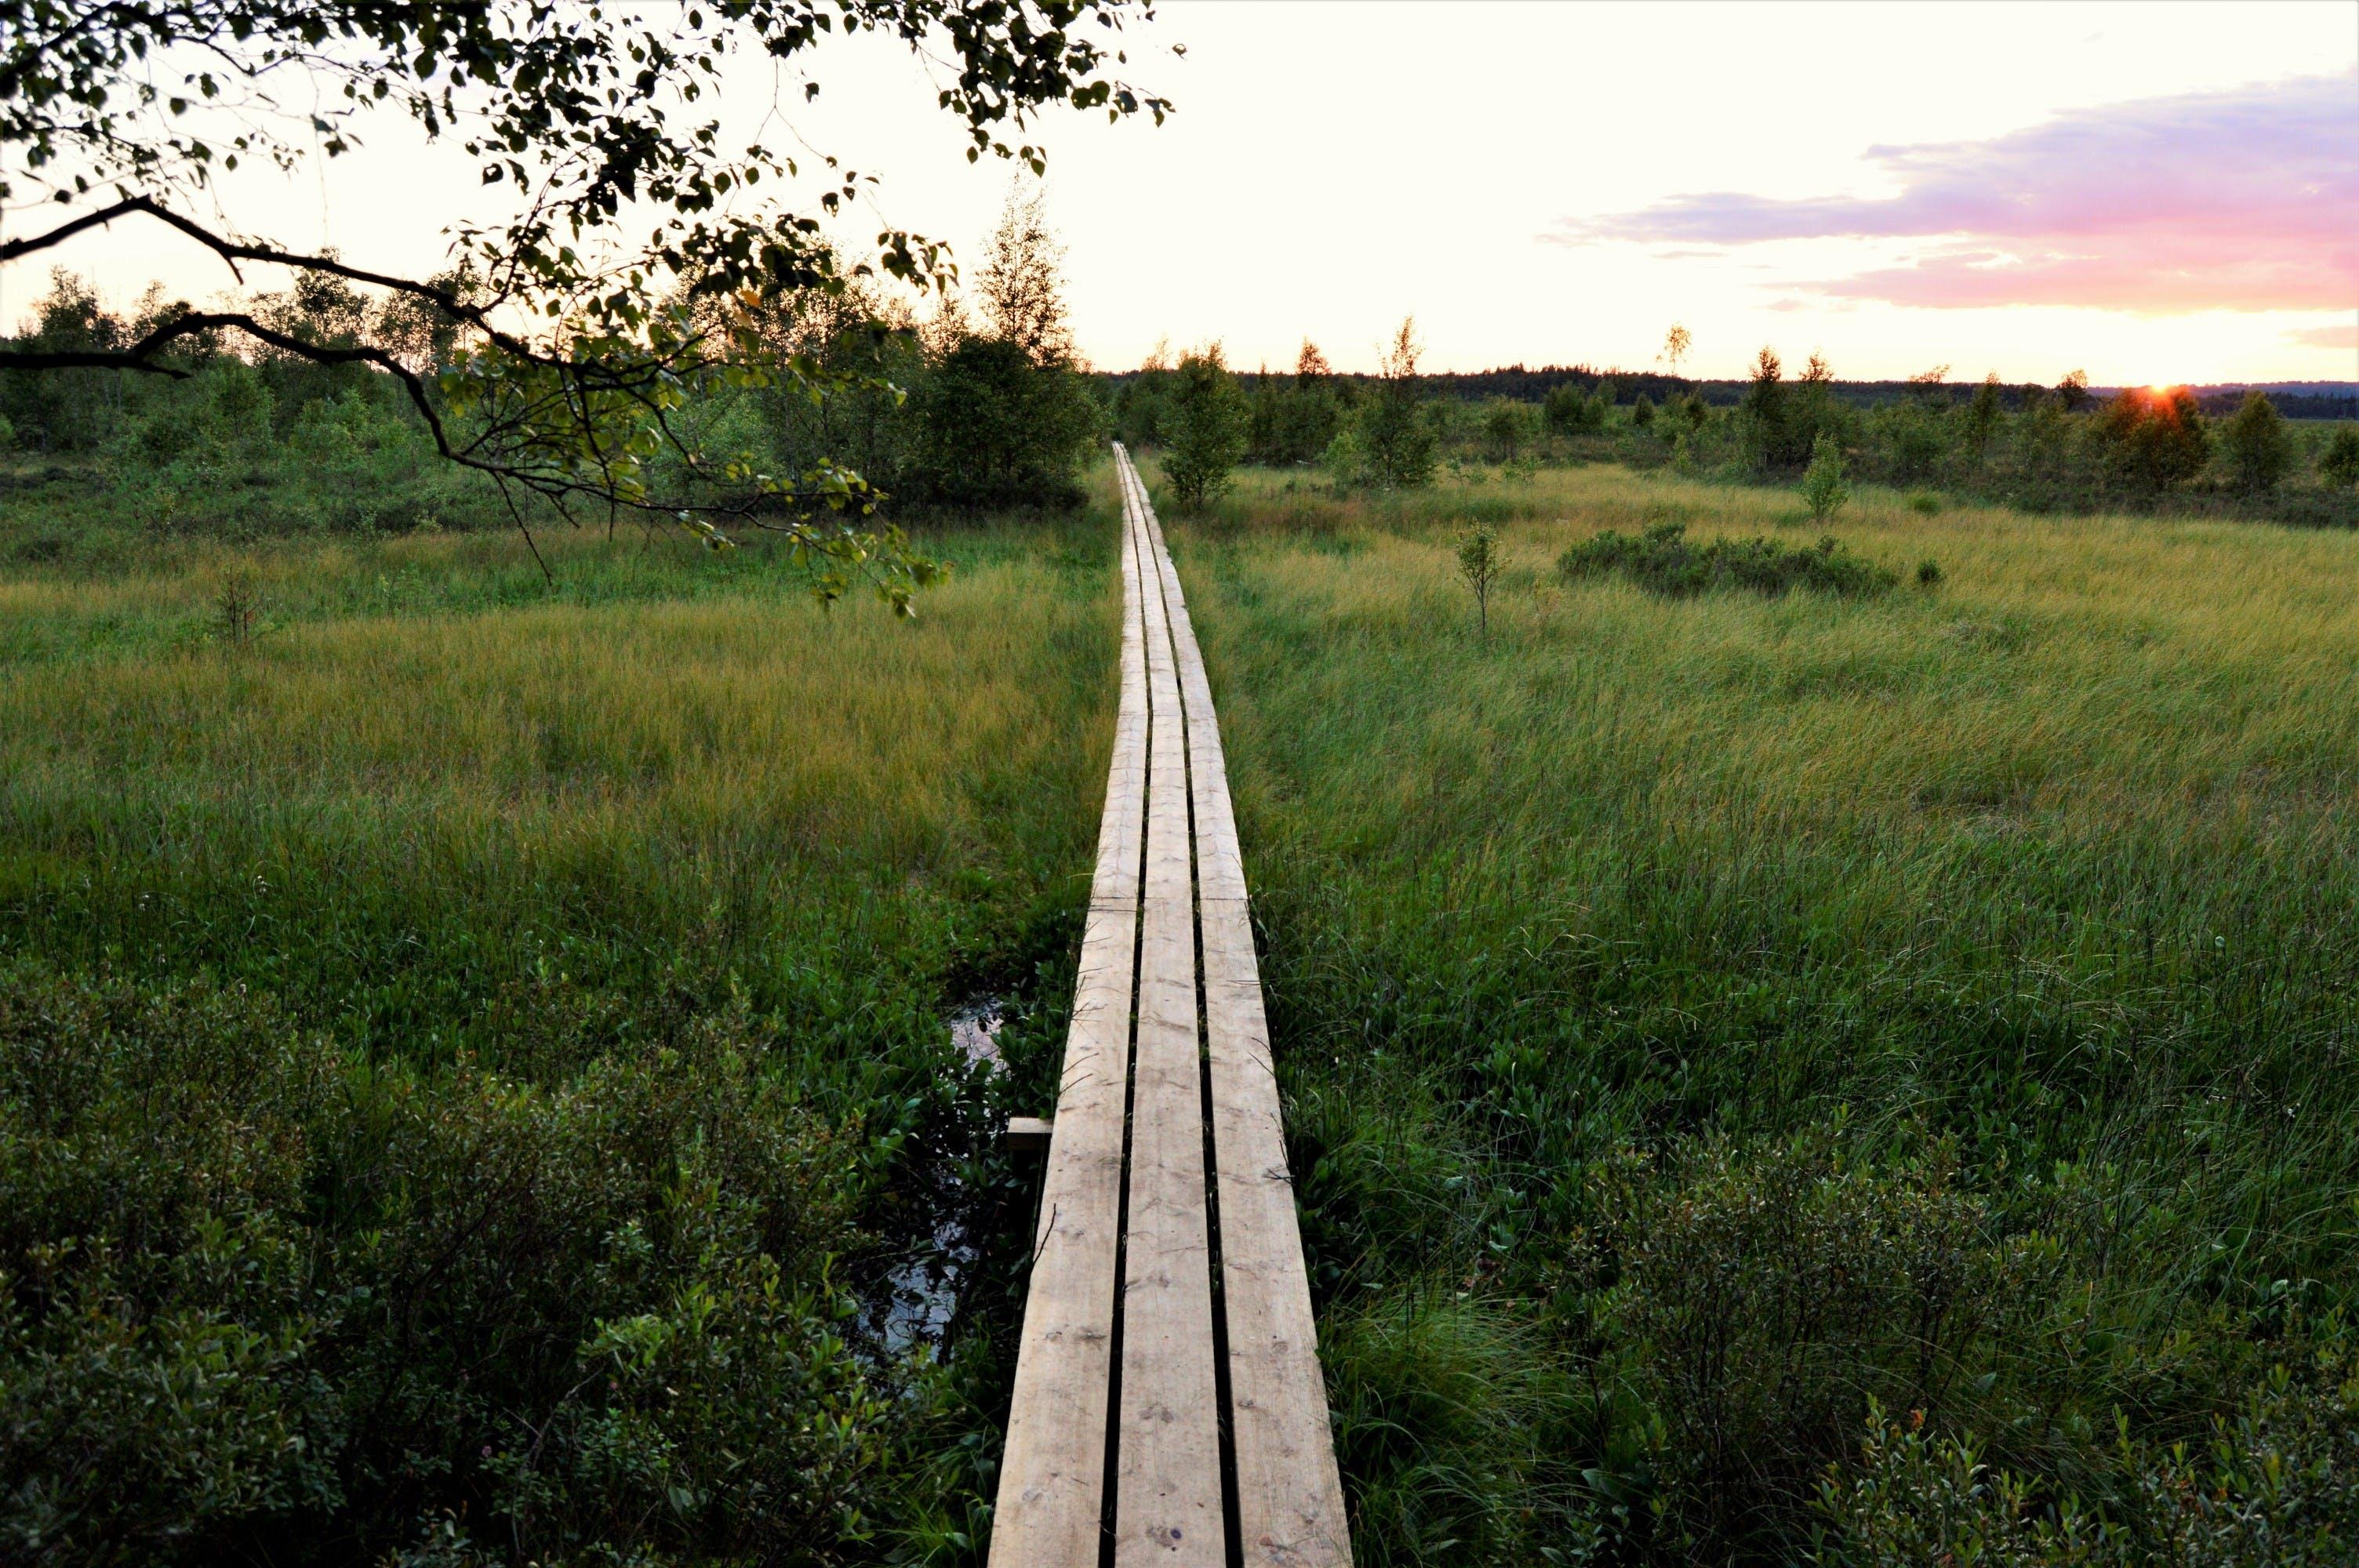 forest, grass, national park